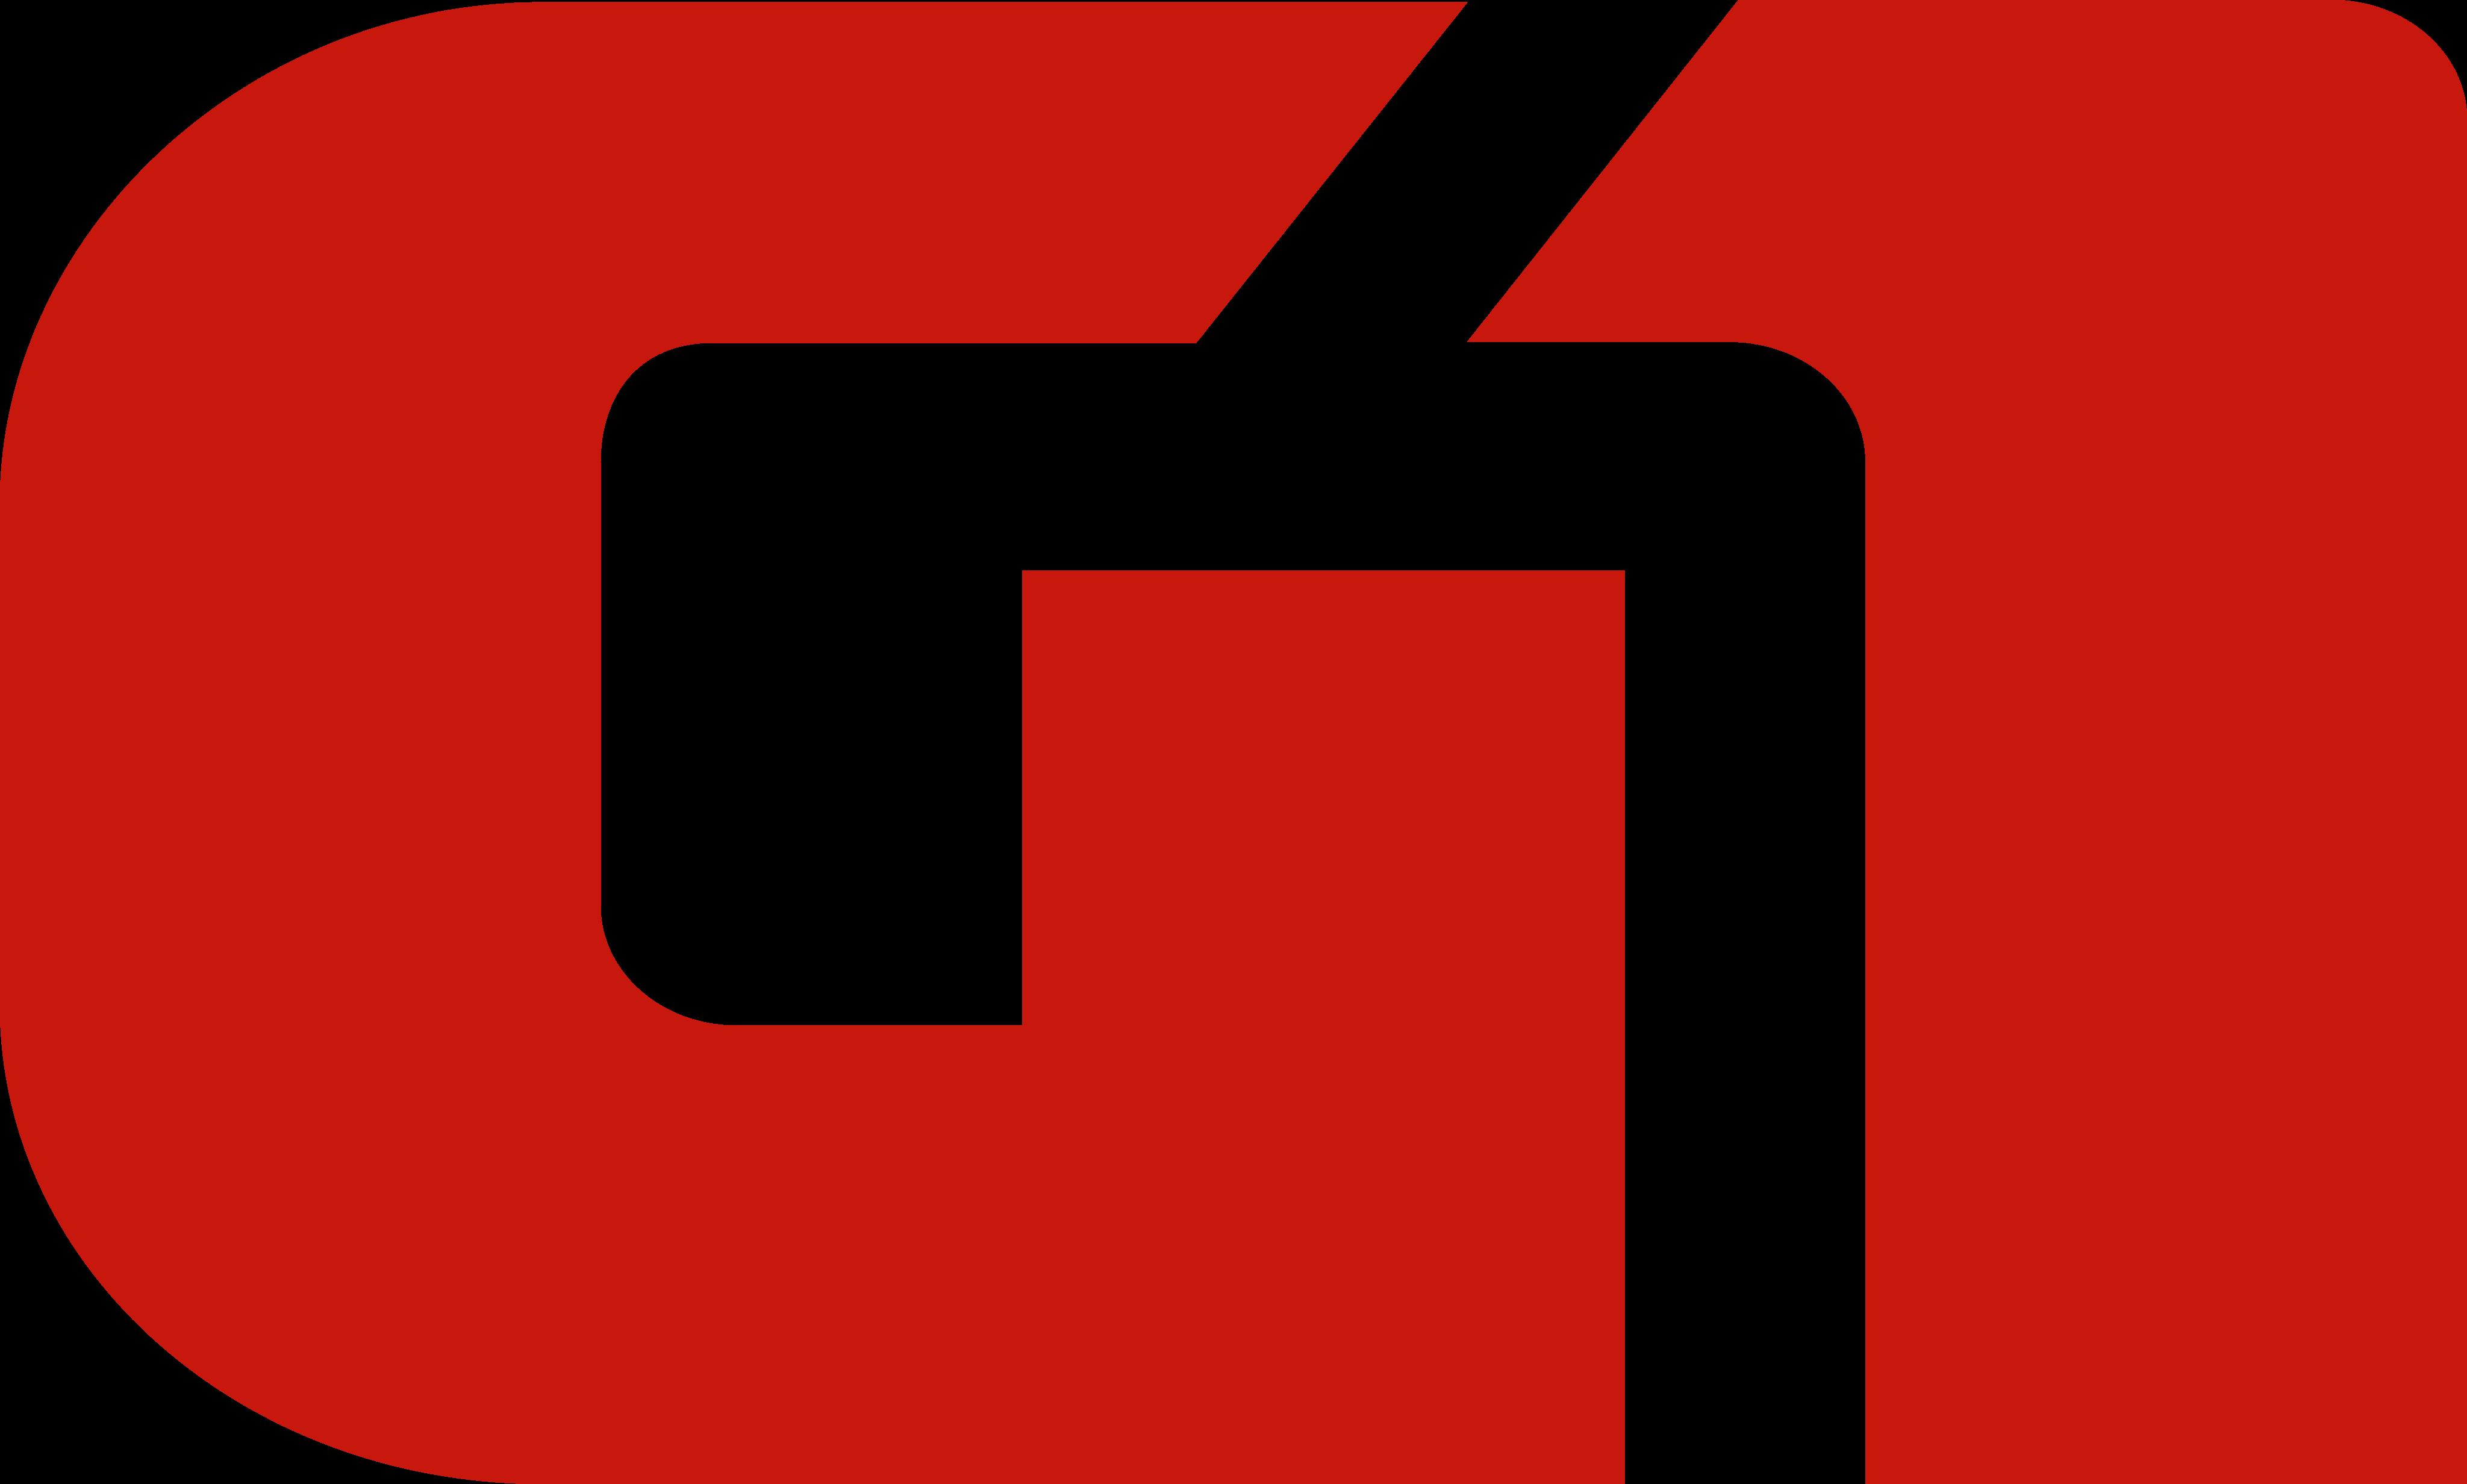 g1 logo - G1 Logo - G1 Globo Logo